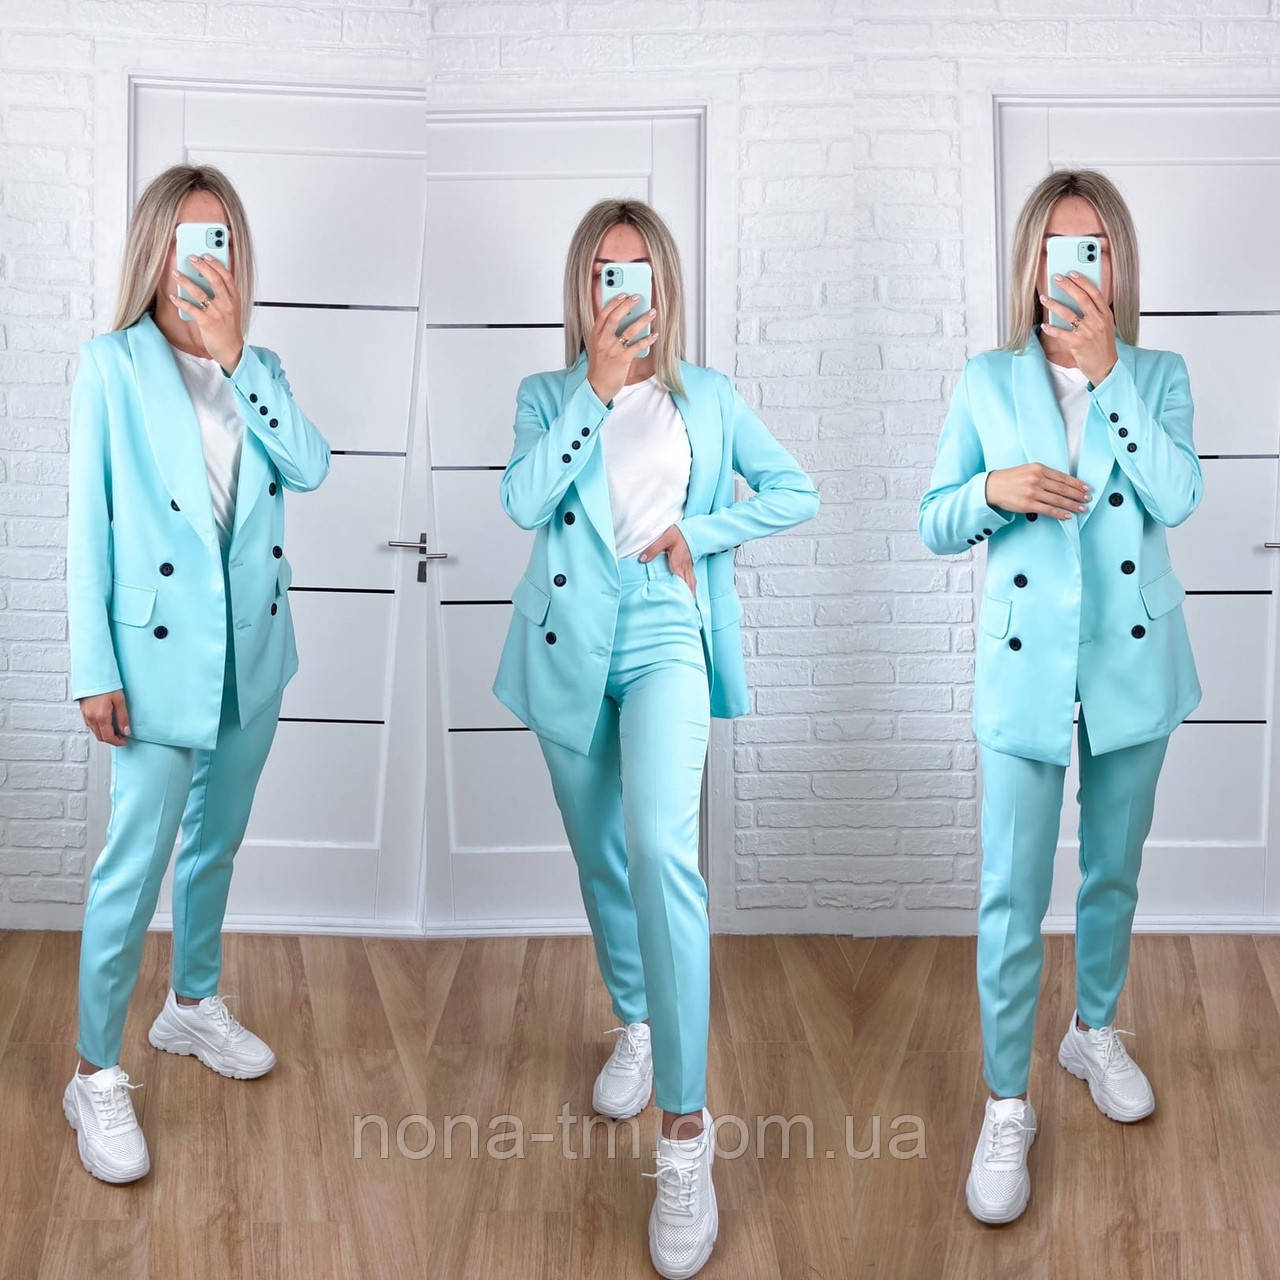 Стильний жіночий брючний костюм з жакетом і брюками 17 забарвлень (Норма)